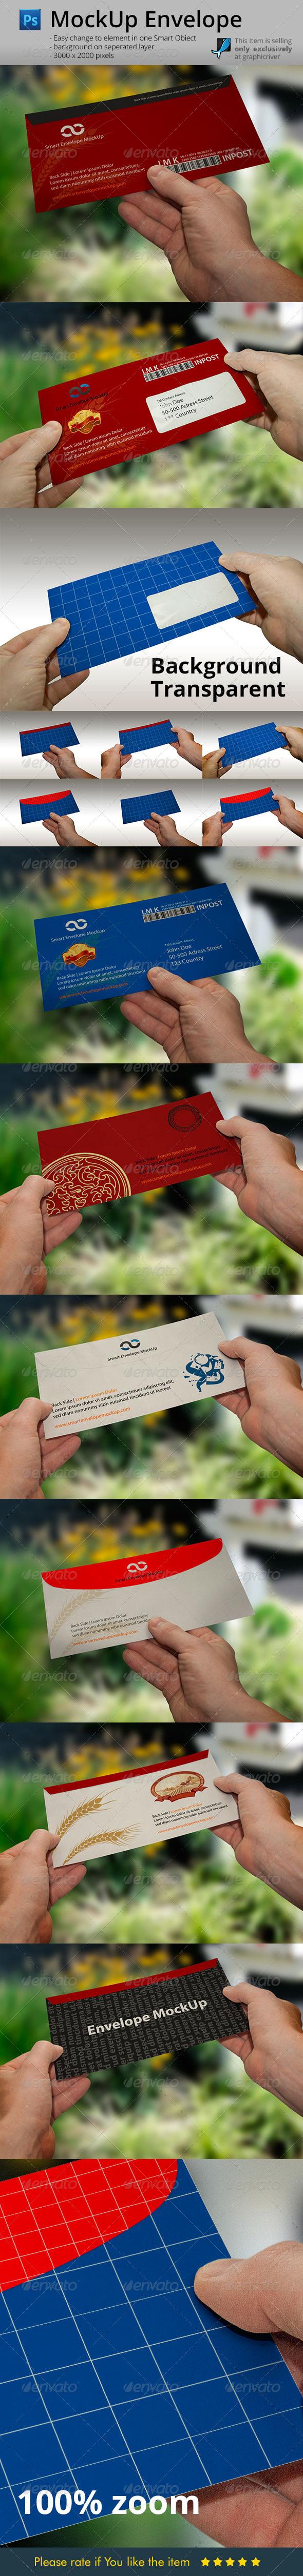 GraphicRiver Envelope Hands Mock-Up 6166629